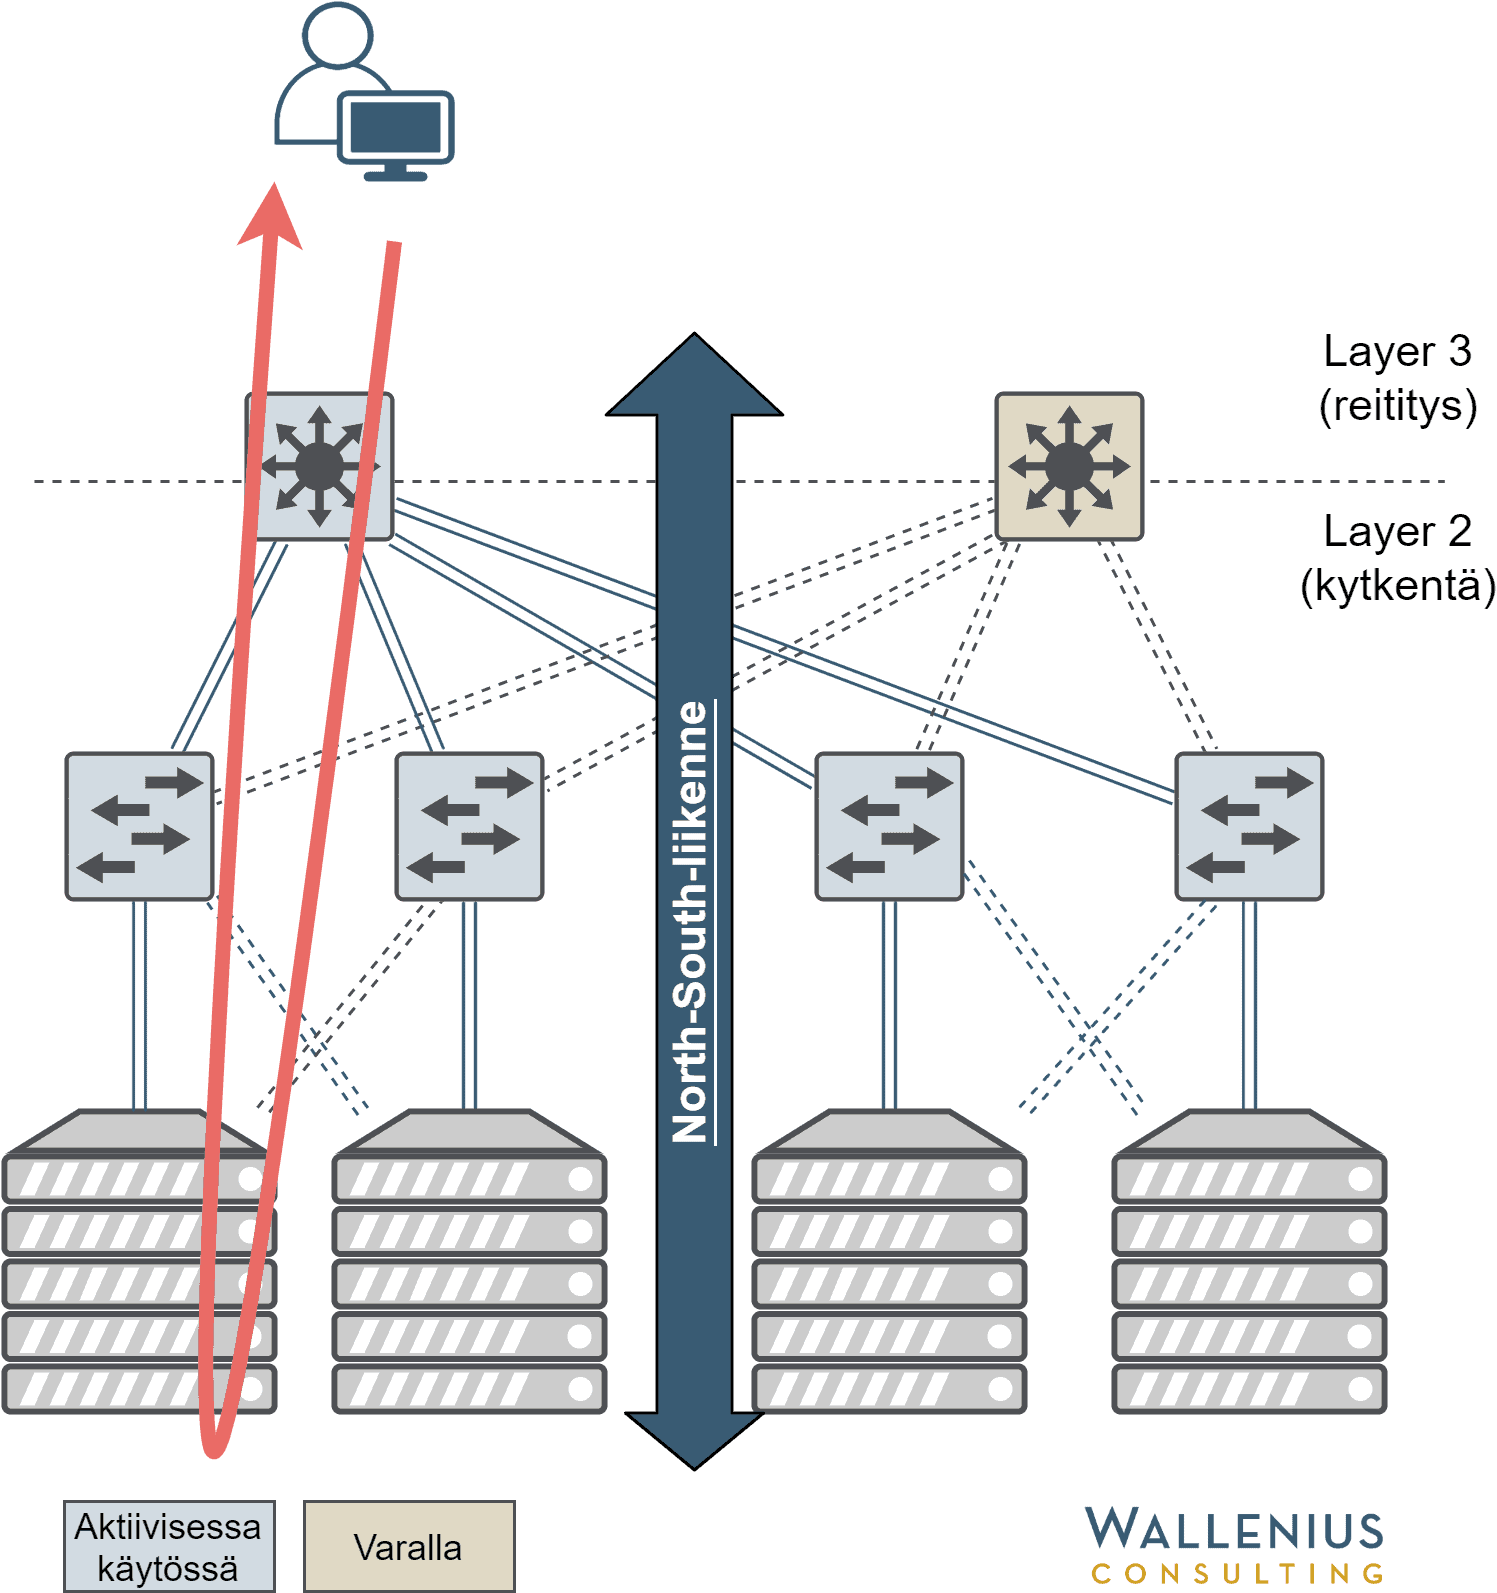 Esimerkki liikenteestä johon verkot on suunniteltu